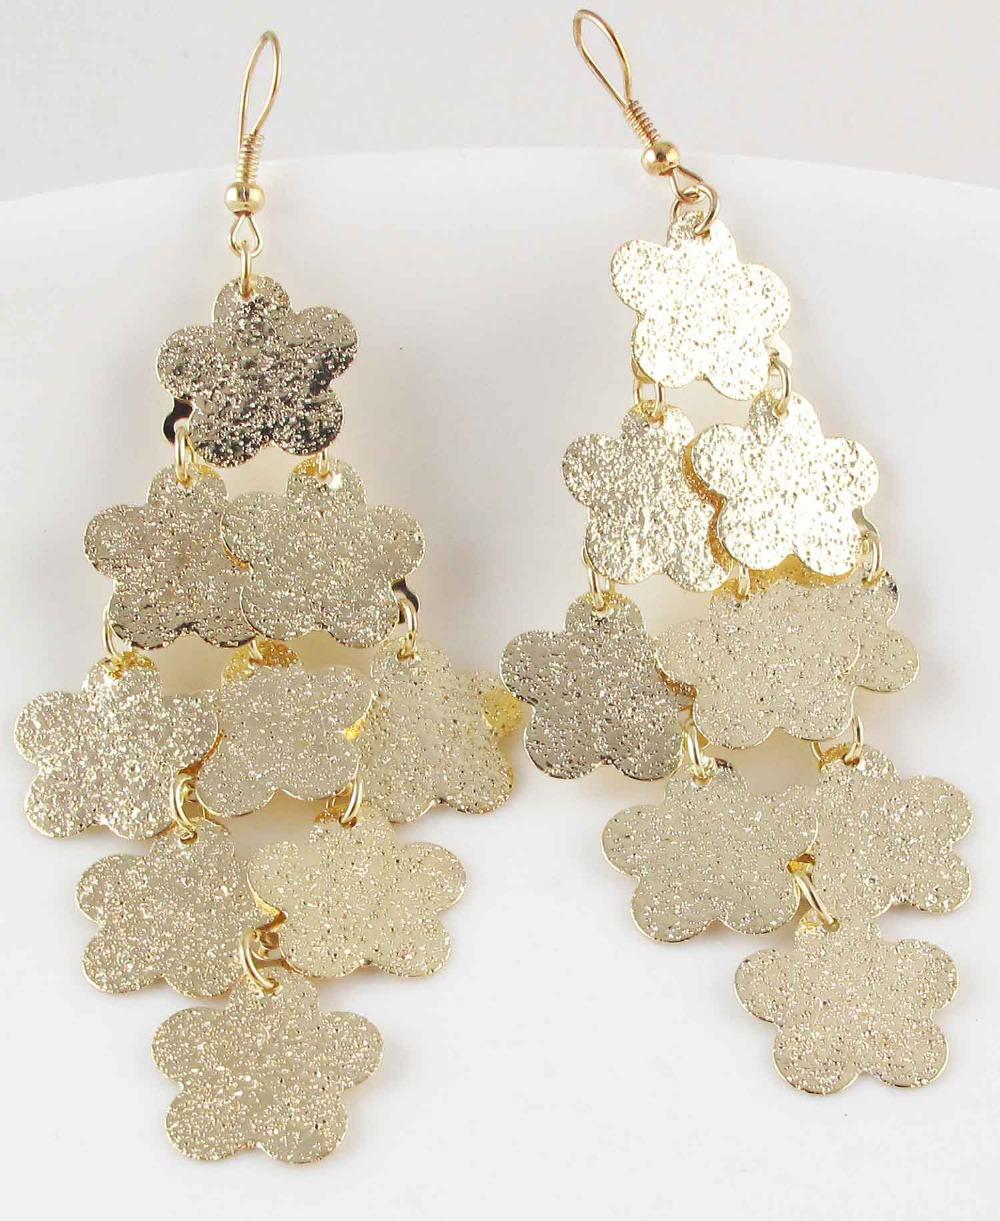 Buy New Women Fashion Jewelry Style Earrings Design Lady Bib Statement Long Ear